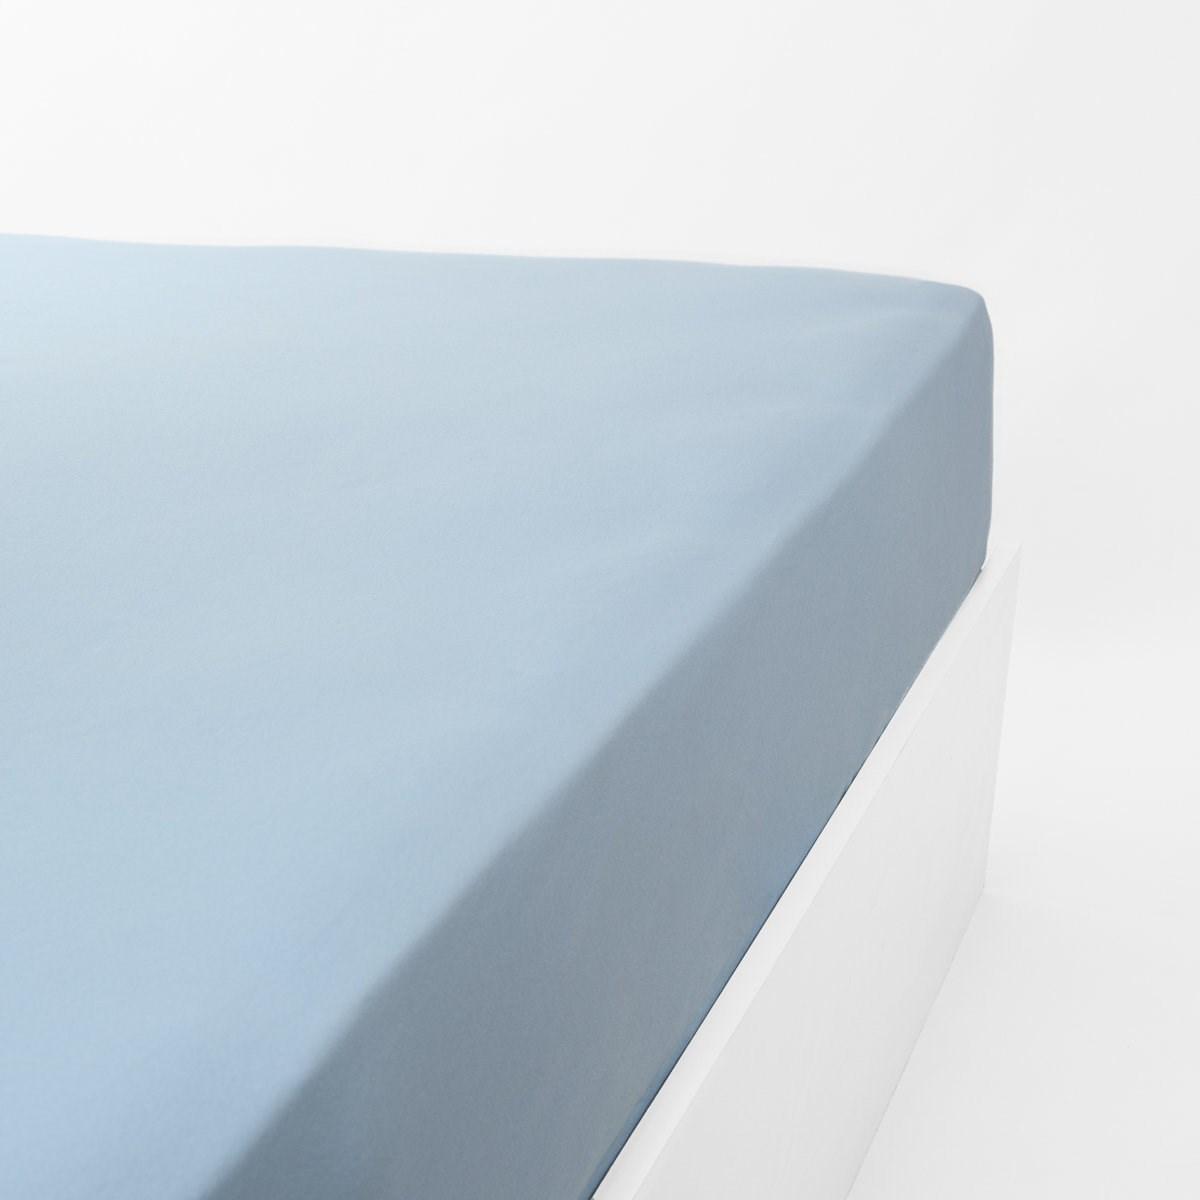 Drap housse jersey extensible en coton bleu clair 140x190 cm